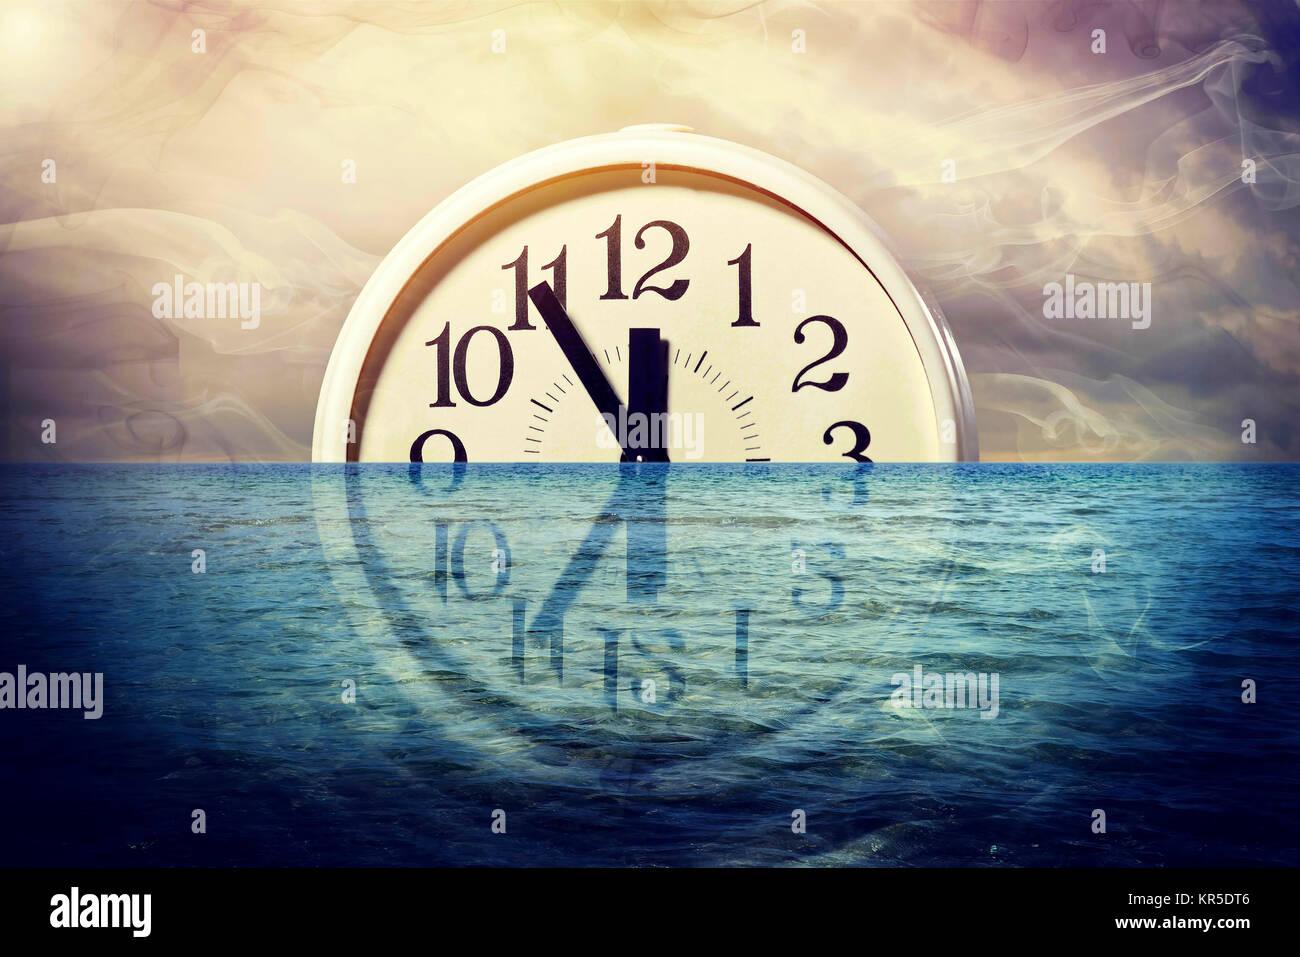 Clock, Five before Twelve, in the water, symbolic photo climate change, Uhr, Fünf vor Zwölf, im Wasser, Symbolfoto Klimawandel Stock Photo